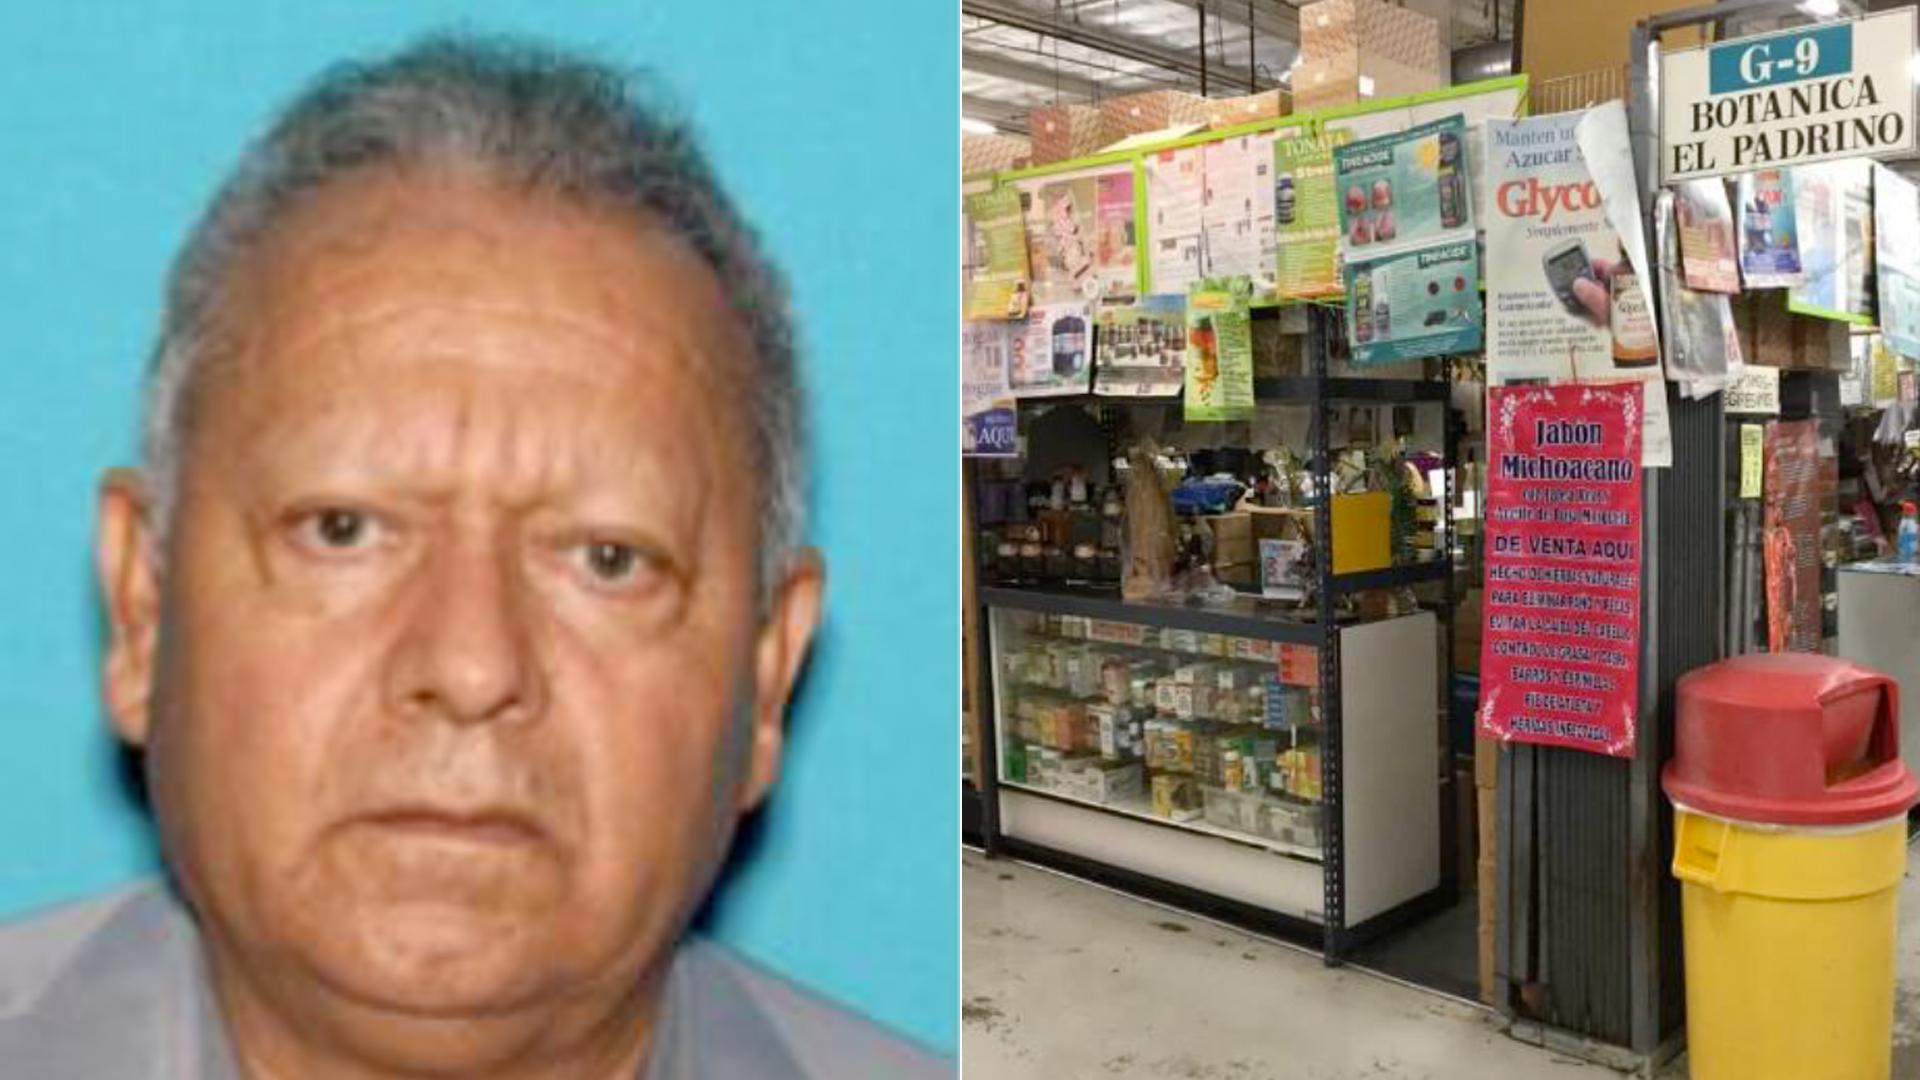 Leopoldo Garcia在2020年12月22日由阿纳海姆警察局发布的照片中显示。右边是他在阿纳海姆市场的店铺Botanica El Padrino的照片。(photo:KTLA)